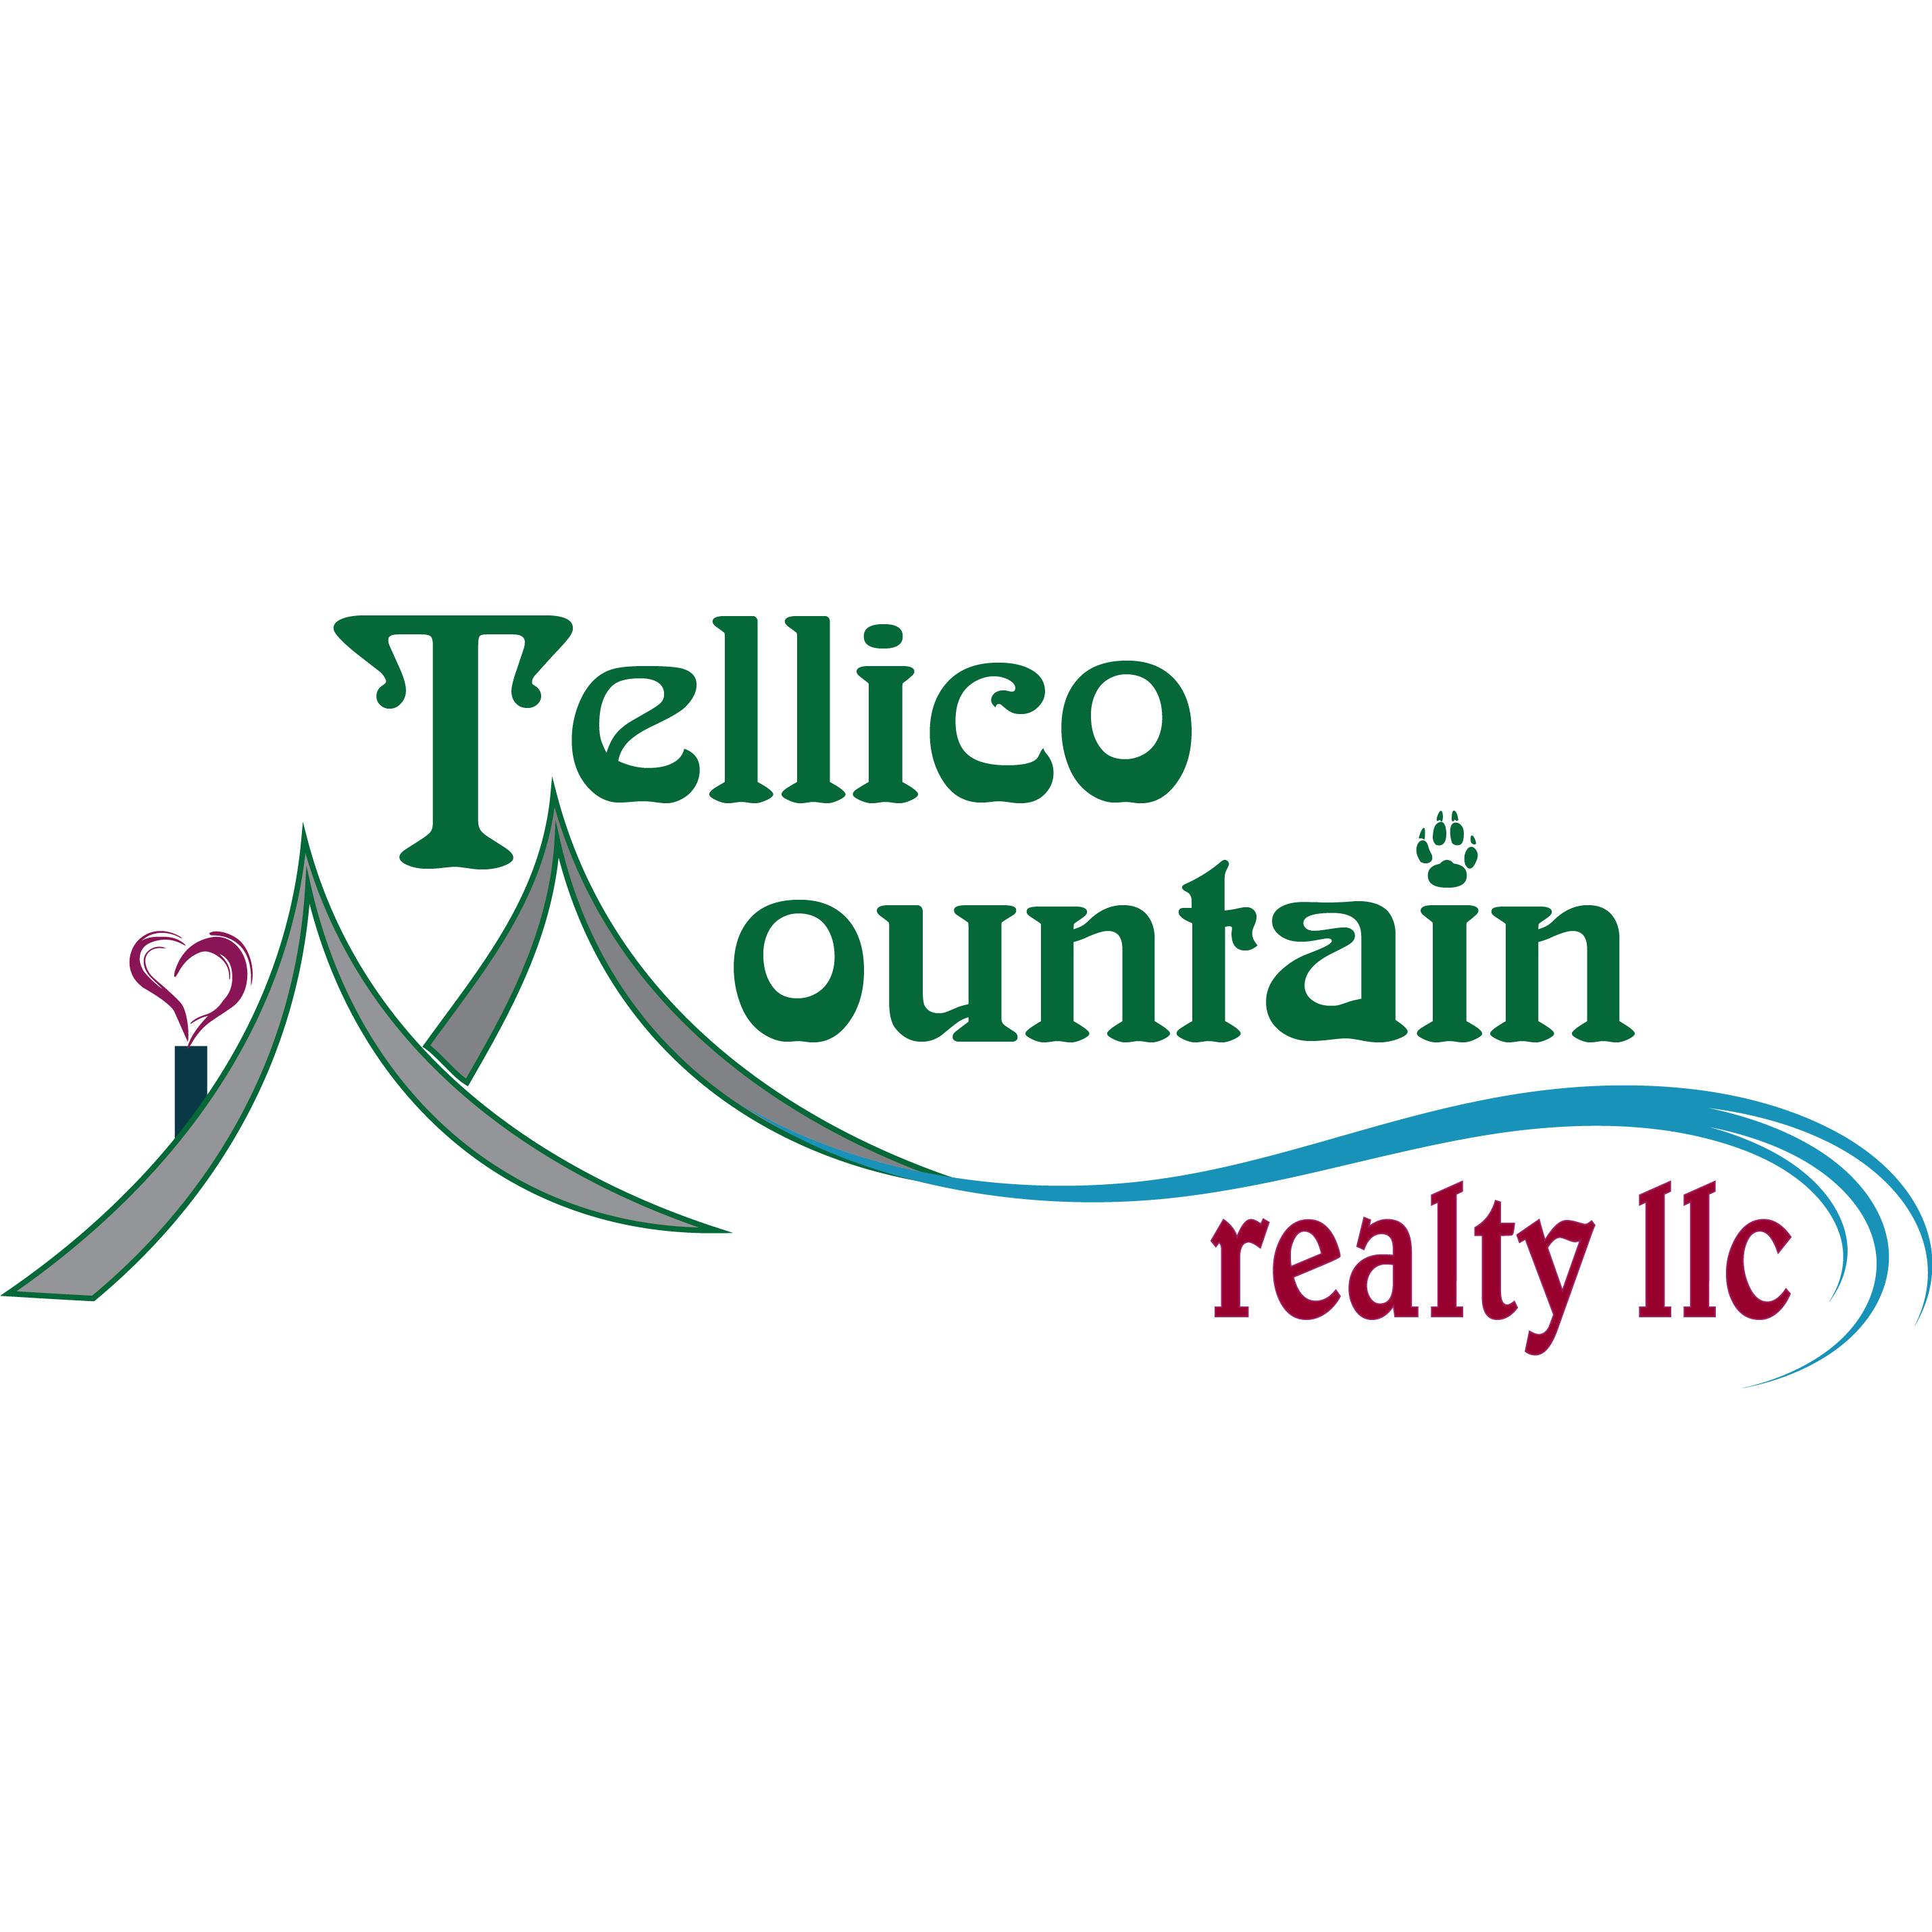 Tellico Mountain Realty Llc